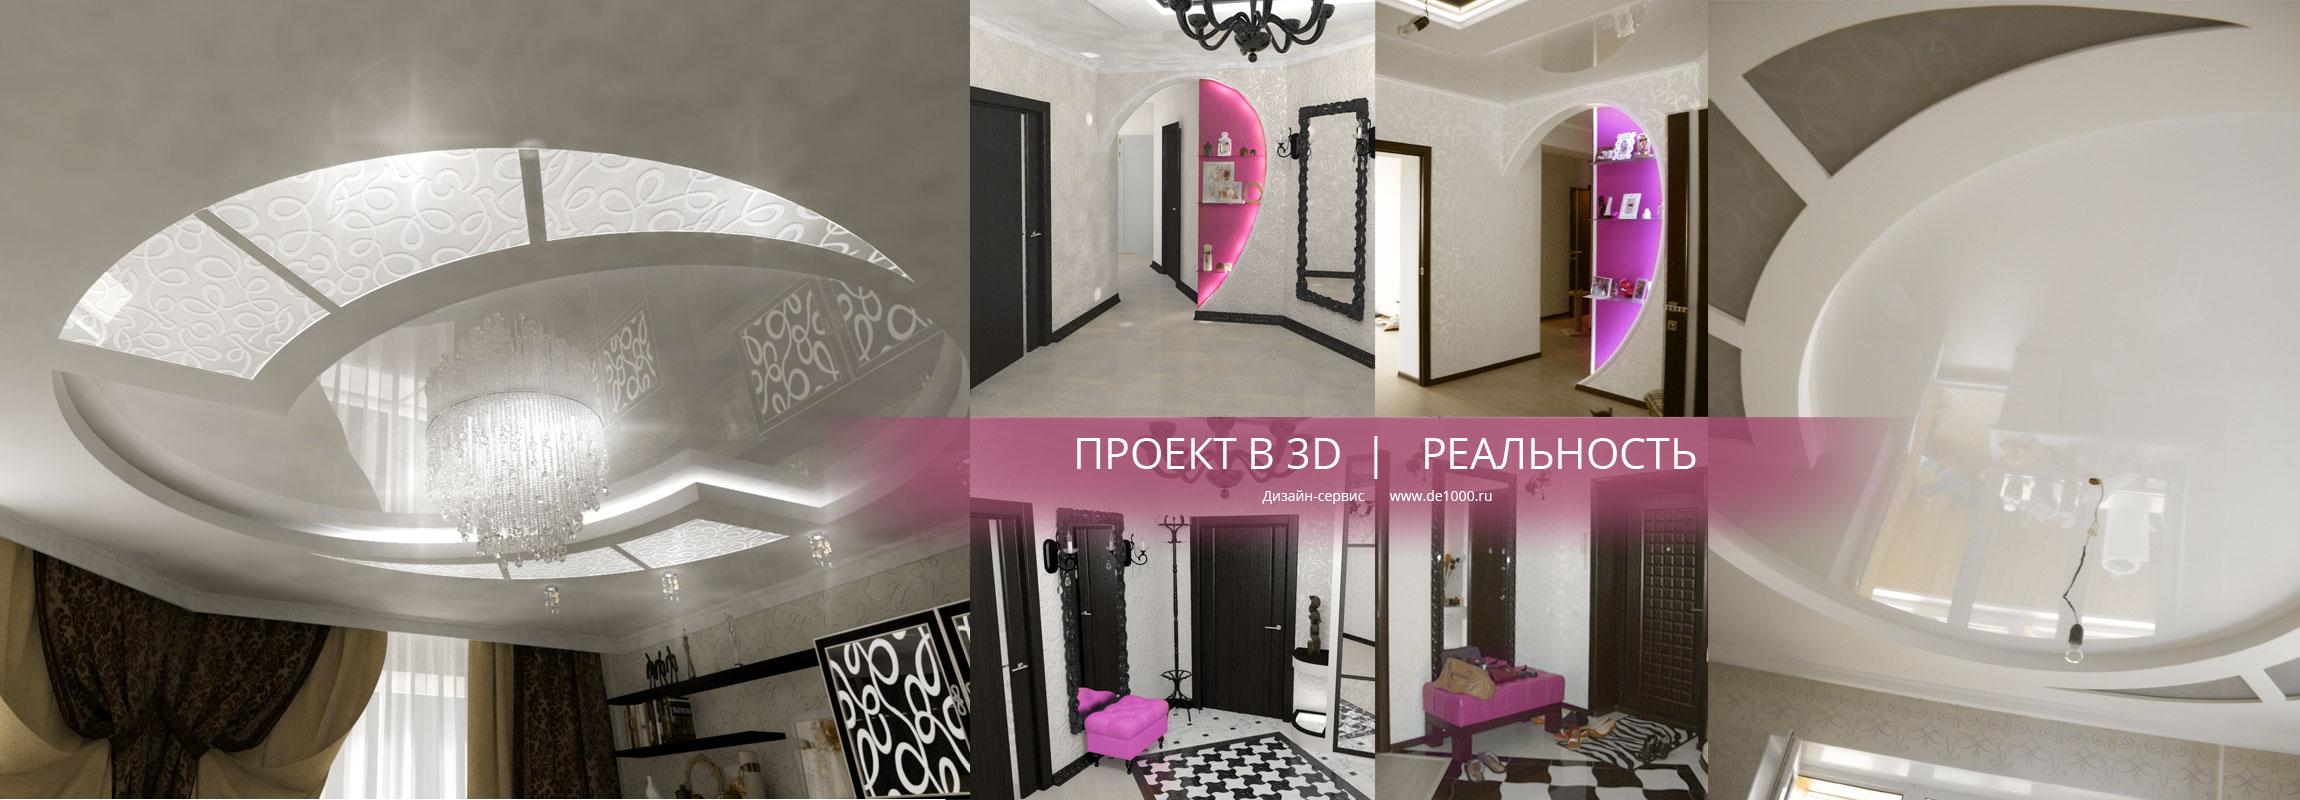 Дизайн интерьера, проект и реальность